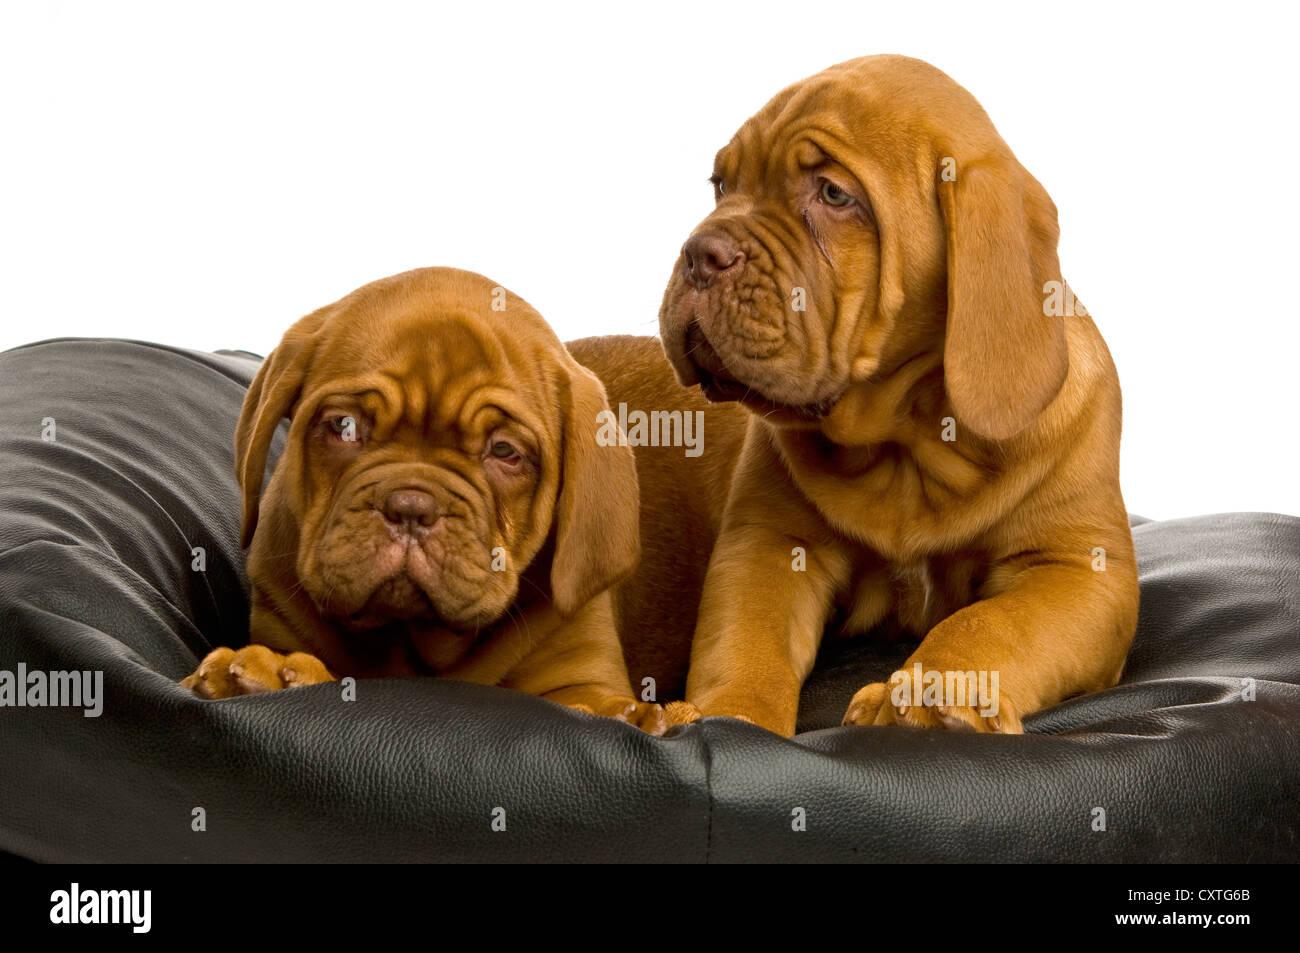 Dogue De Bordeaux puppies on a black bean bag - Stock Image